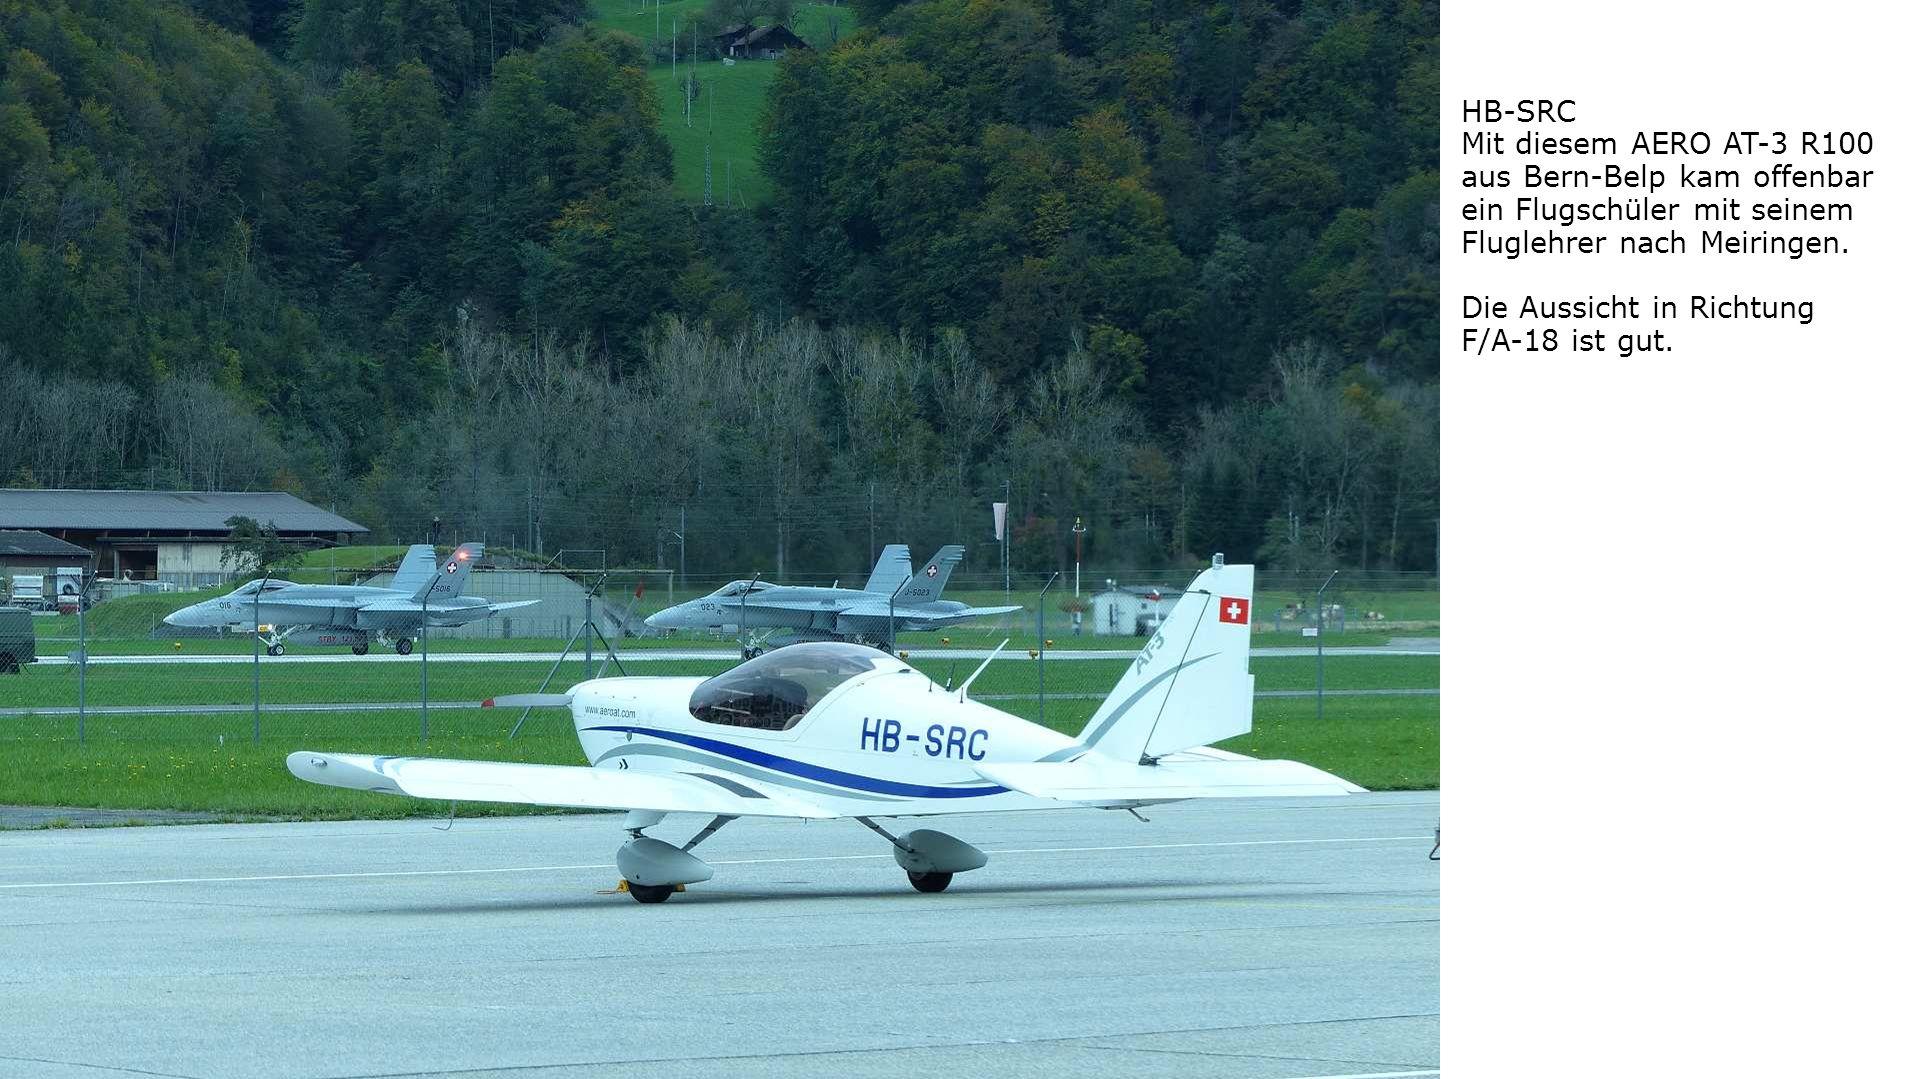 HB-SRC Mit diesem AERO AT-3 R100. aus Bern-Belp kam offenbar ein Flugschüler mit seinem Fluglehrer nach Meiringen.